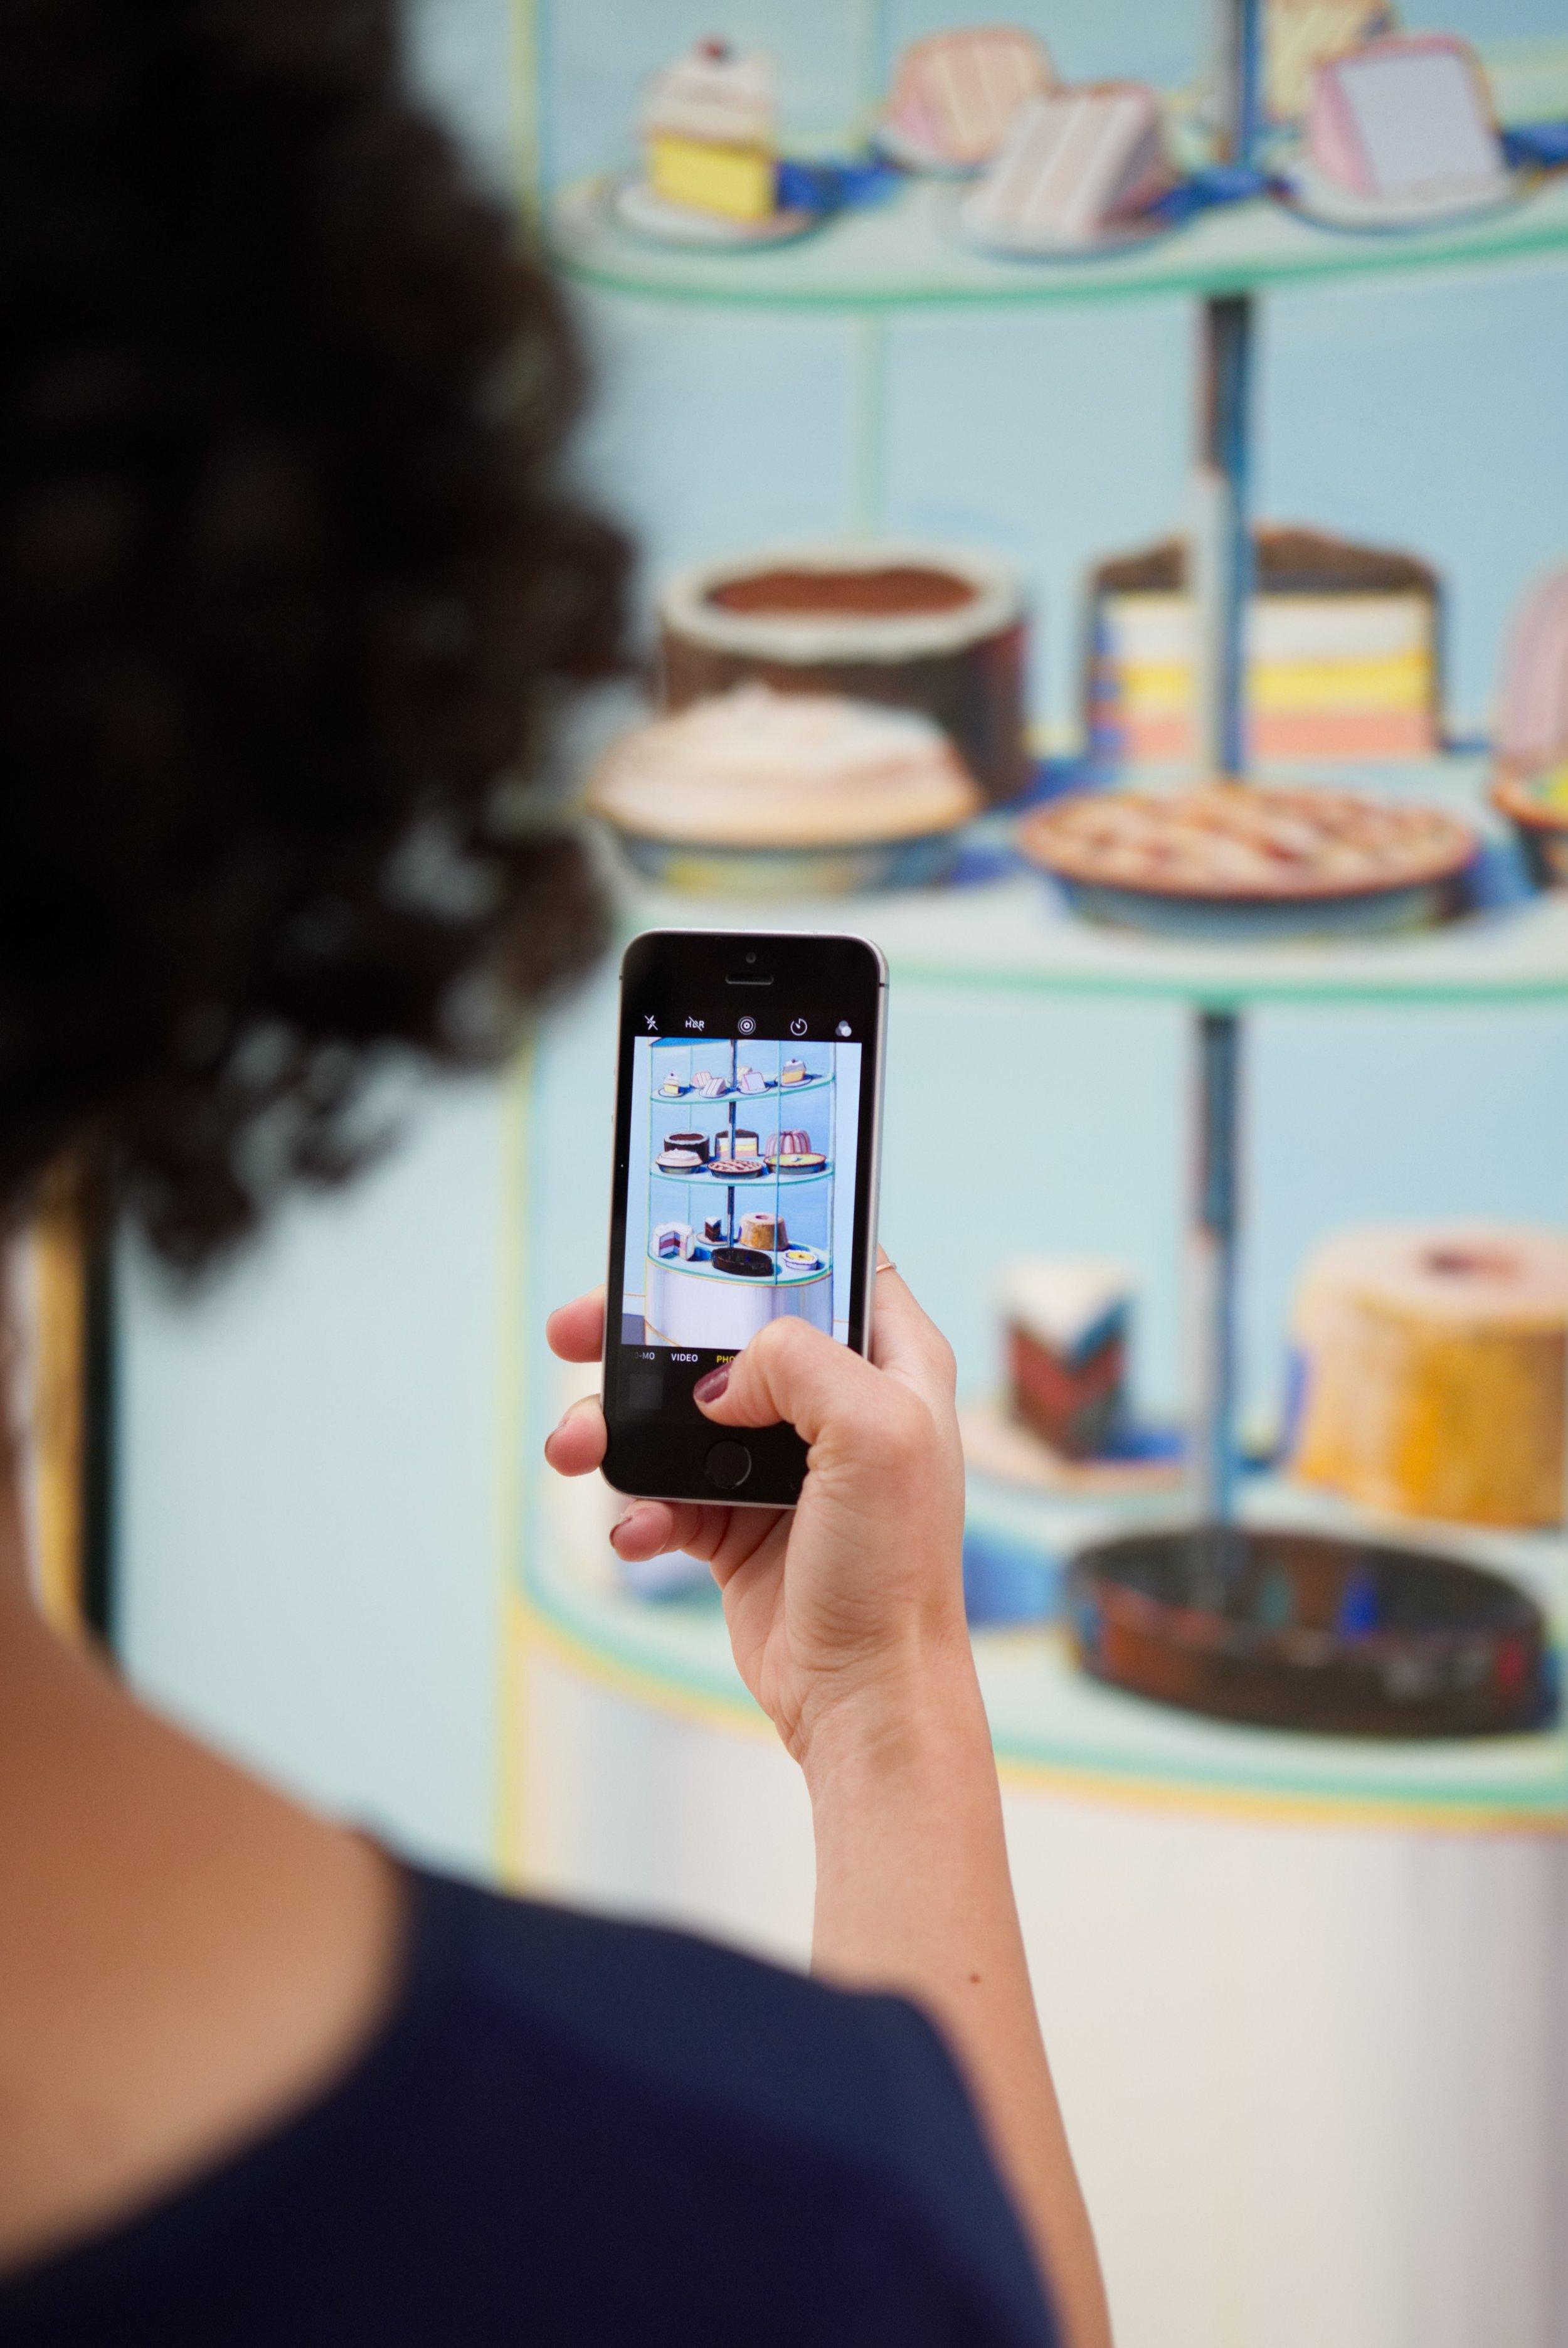 Native mobile Applications - Perché avere un'app è importante al giorno d'oggi? Perché è il canale più diretto e personalizzato con cui la tua azienda comunica con i clienti e offre i propri servizi.Di più: un'app è il sistema più veloce ed economico per interfacciarsi con database e sistemi di gestione ordini, controllo degli stock e dei pagamenti.Ancora di più: un'app permette a diversi dispositivi di comunicare tra loro ed interfacciarsi con l'ambiente circostante: domotica, wayfinding, realtà aumentata, sono solo dei punti di partenza. Un dispositivo mobile, con la giusta app, può diventare un controller multimodale in grado di interagire in modo immersivo con il mondo fisico circostante o remoto. L'immaginazione è il solo limite ormai.Quel che è certo è che ogni app deve avere una funzione ben precisa e, soprattutto, deve funzionare perfettamente. Inoltre deve essere intuitiva e facile da usare, altrimenti tutti i vantaggi che può darci finiscono nelle lamentele degli utilizzatori. È quindi fondamentale avvalersi di un progetto realizzato completamente in linguaggio nativo, sia iOS che Android, preceduto da approfonditi studi di fattibilità e di marketing e seguito da altrettanto approfonditi reports analitici prestazionali.Questo è quello che noi facciamo al meglio, per i nostri clienti.